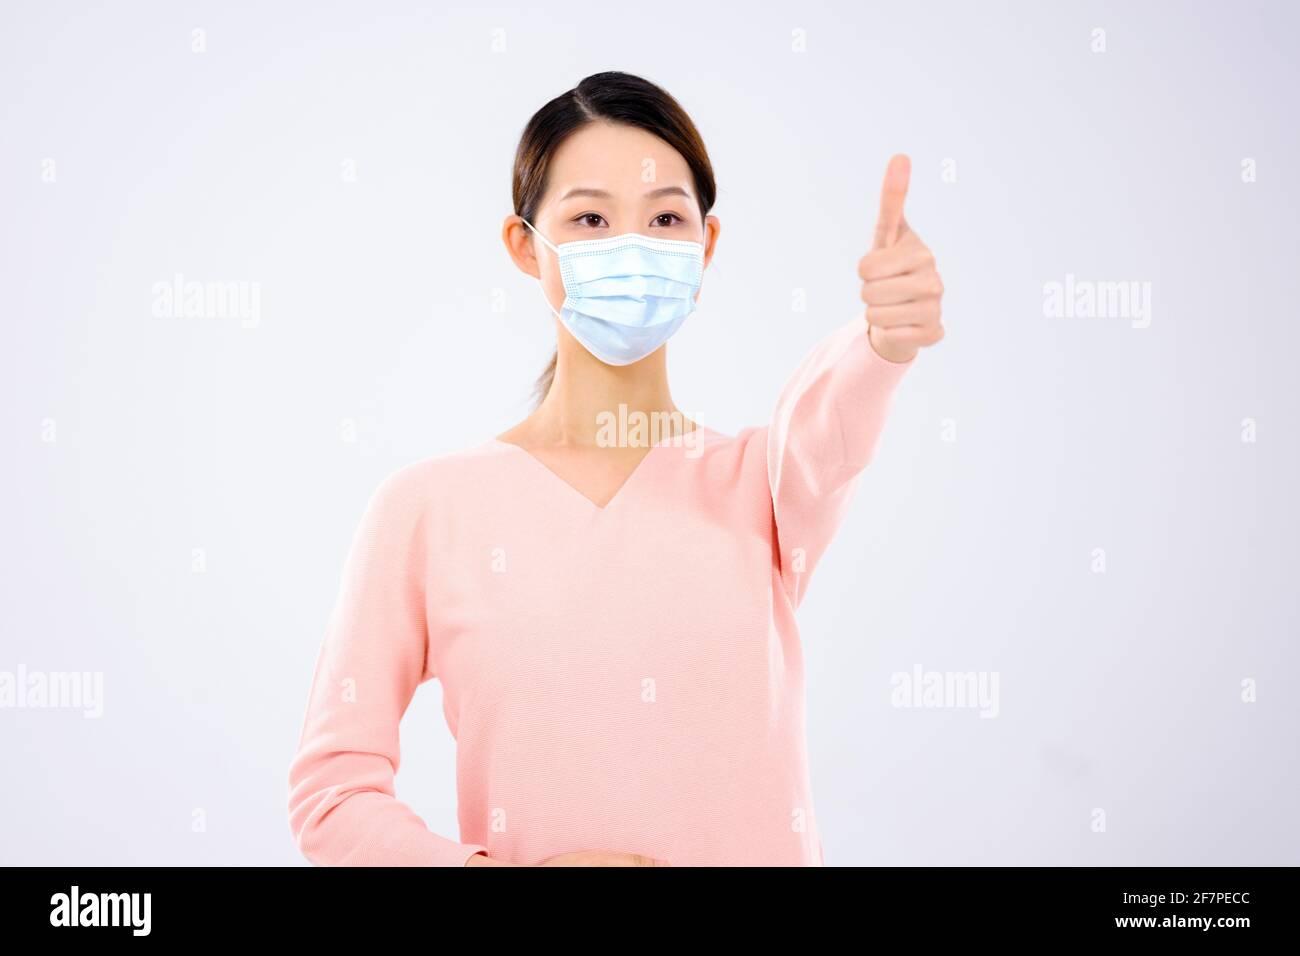 Une jeune femme avec un masque a tenu son pouce sourire Banque D'Images